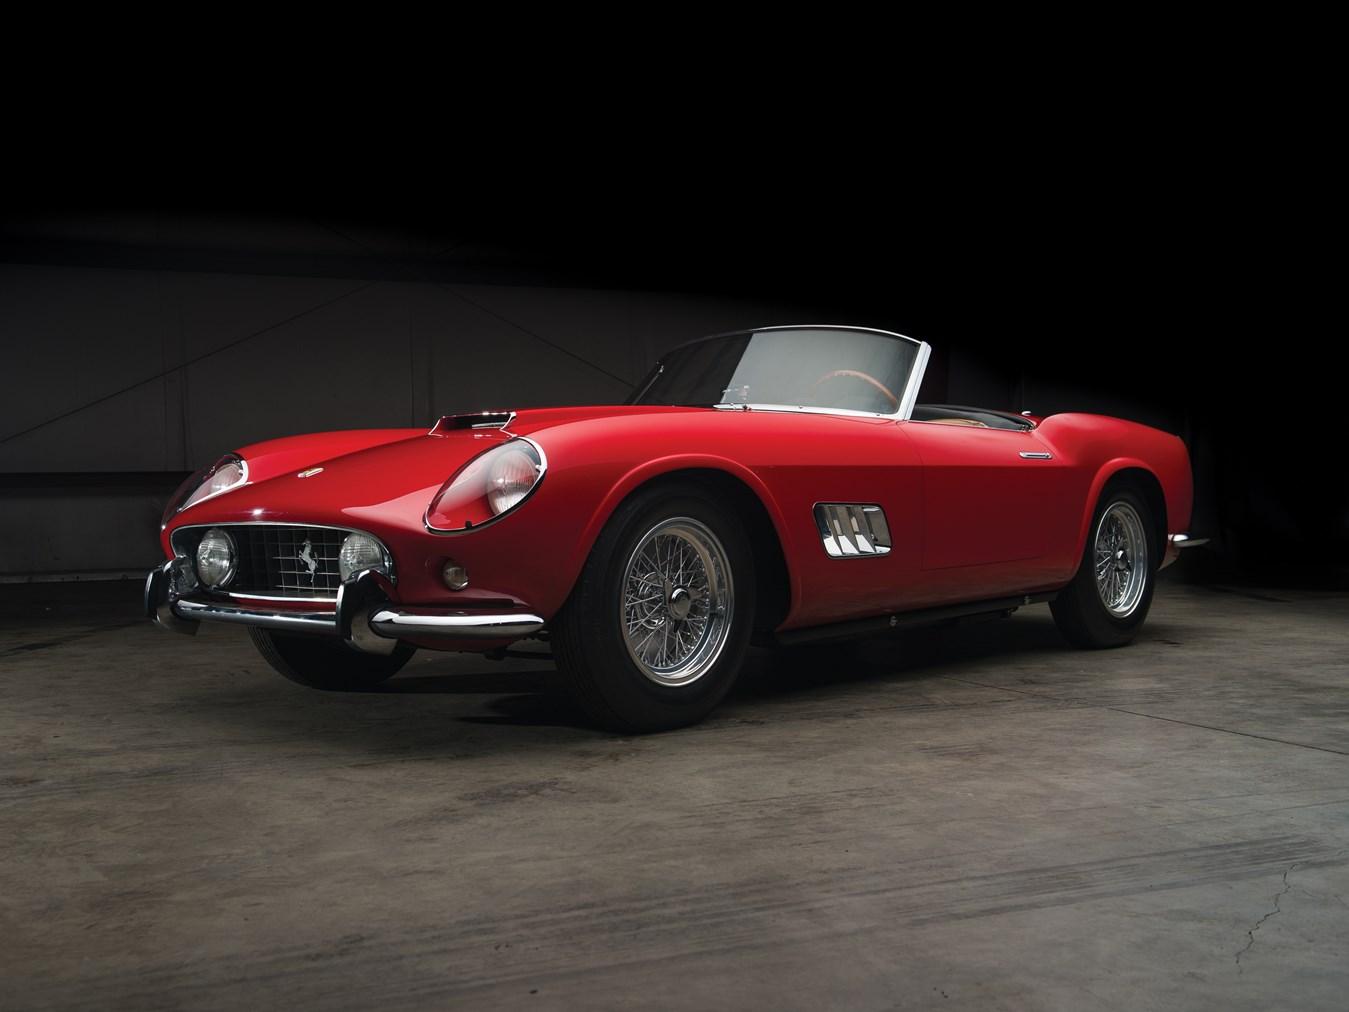 1959 Ferrari 250 California LWB Spider (closed headlight)